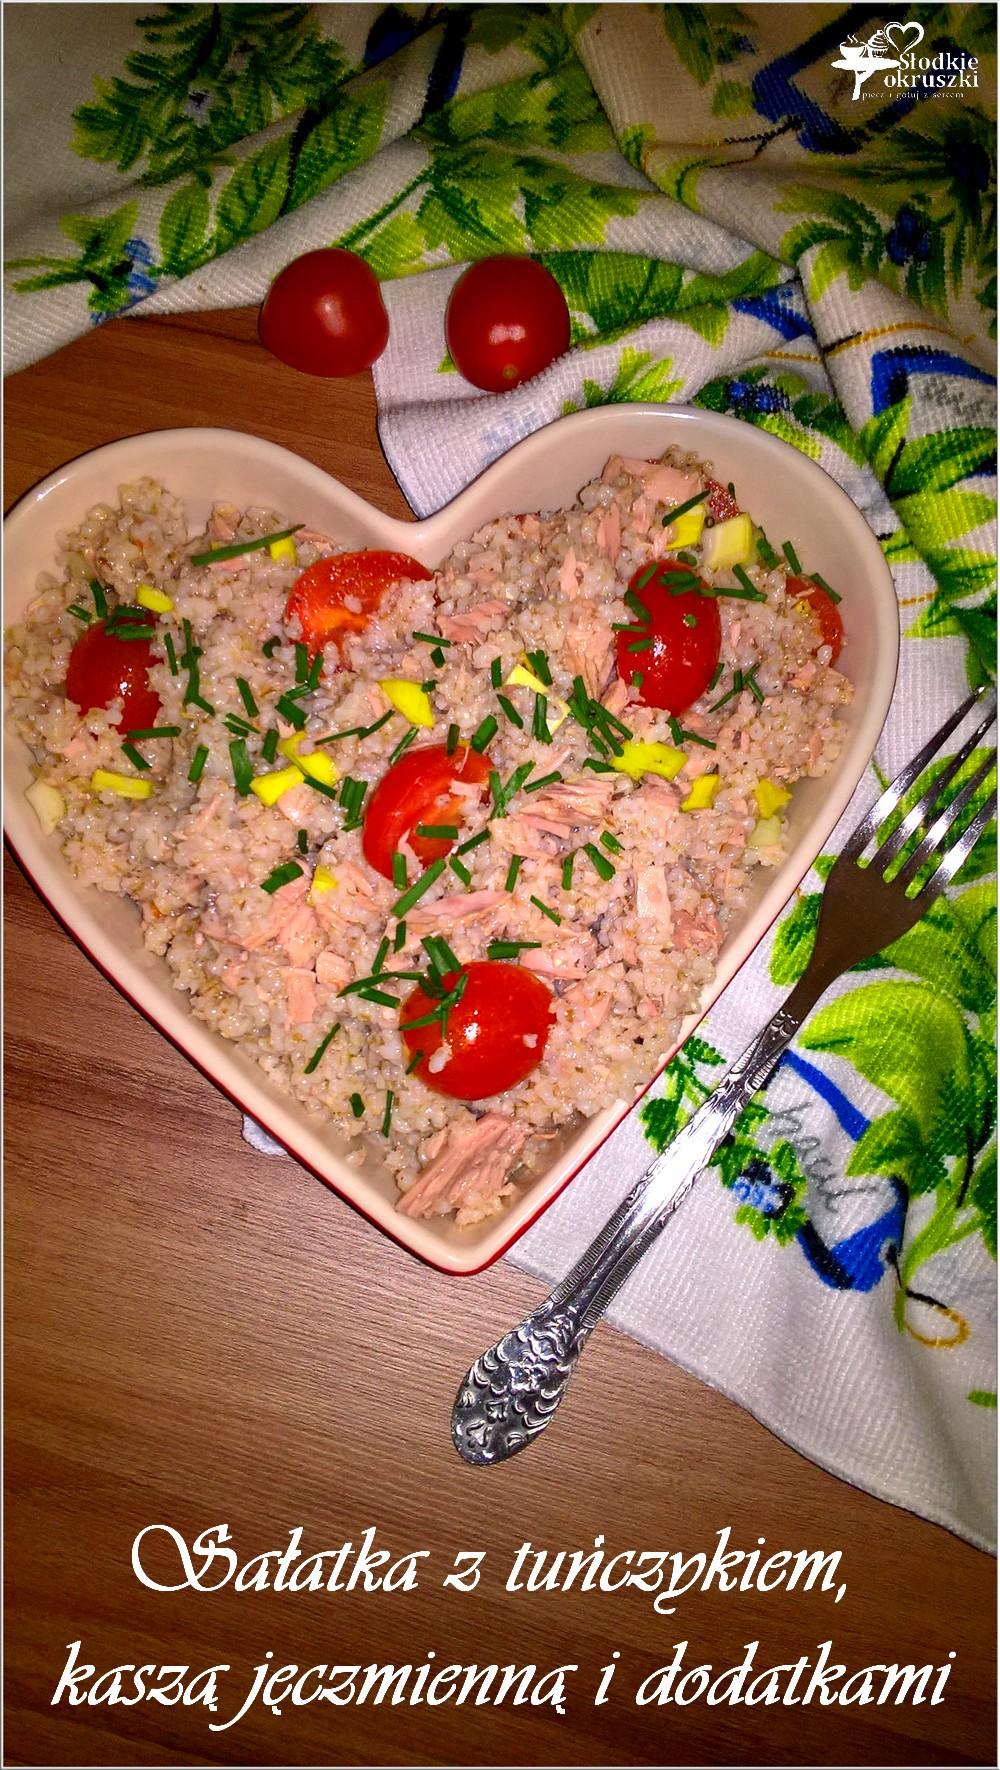 Sałatka z tuńczykiem, kaszą jęczmienną i dodatkami (2)